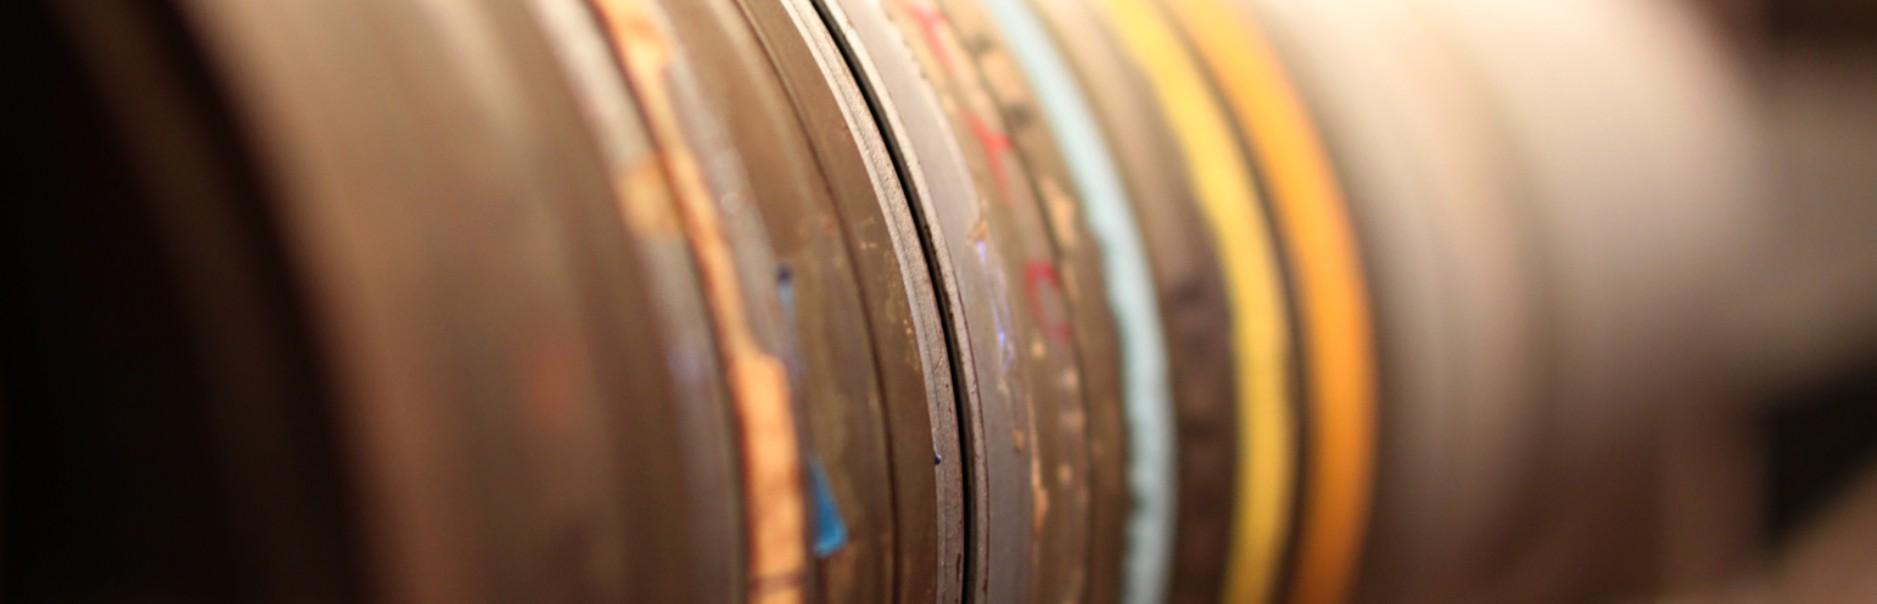 Archivos compactos